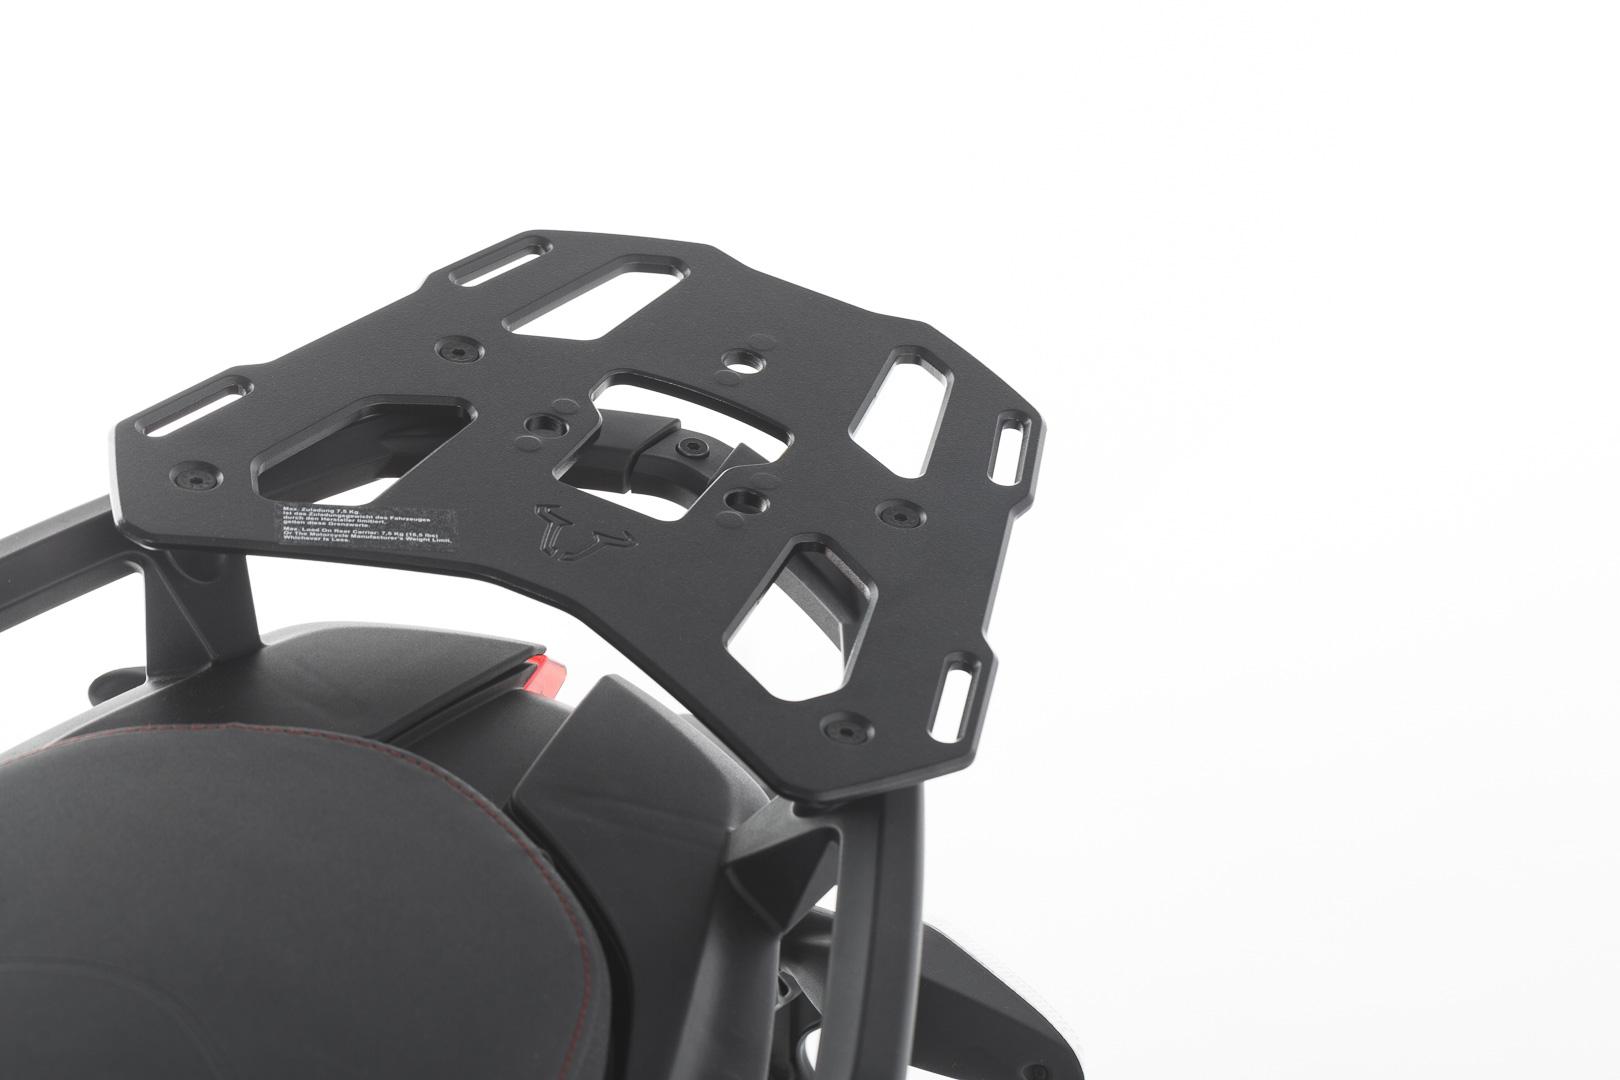 SW-Motech Alu-Rack peräteline Ducati Multistrada 1200 10-